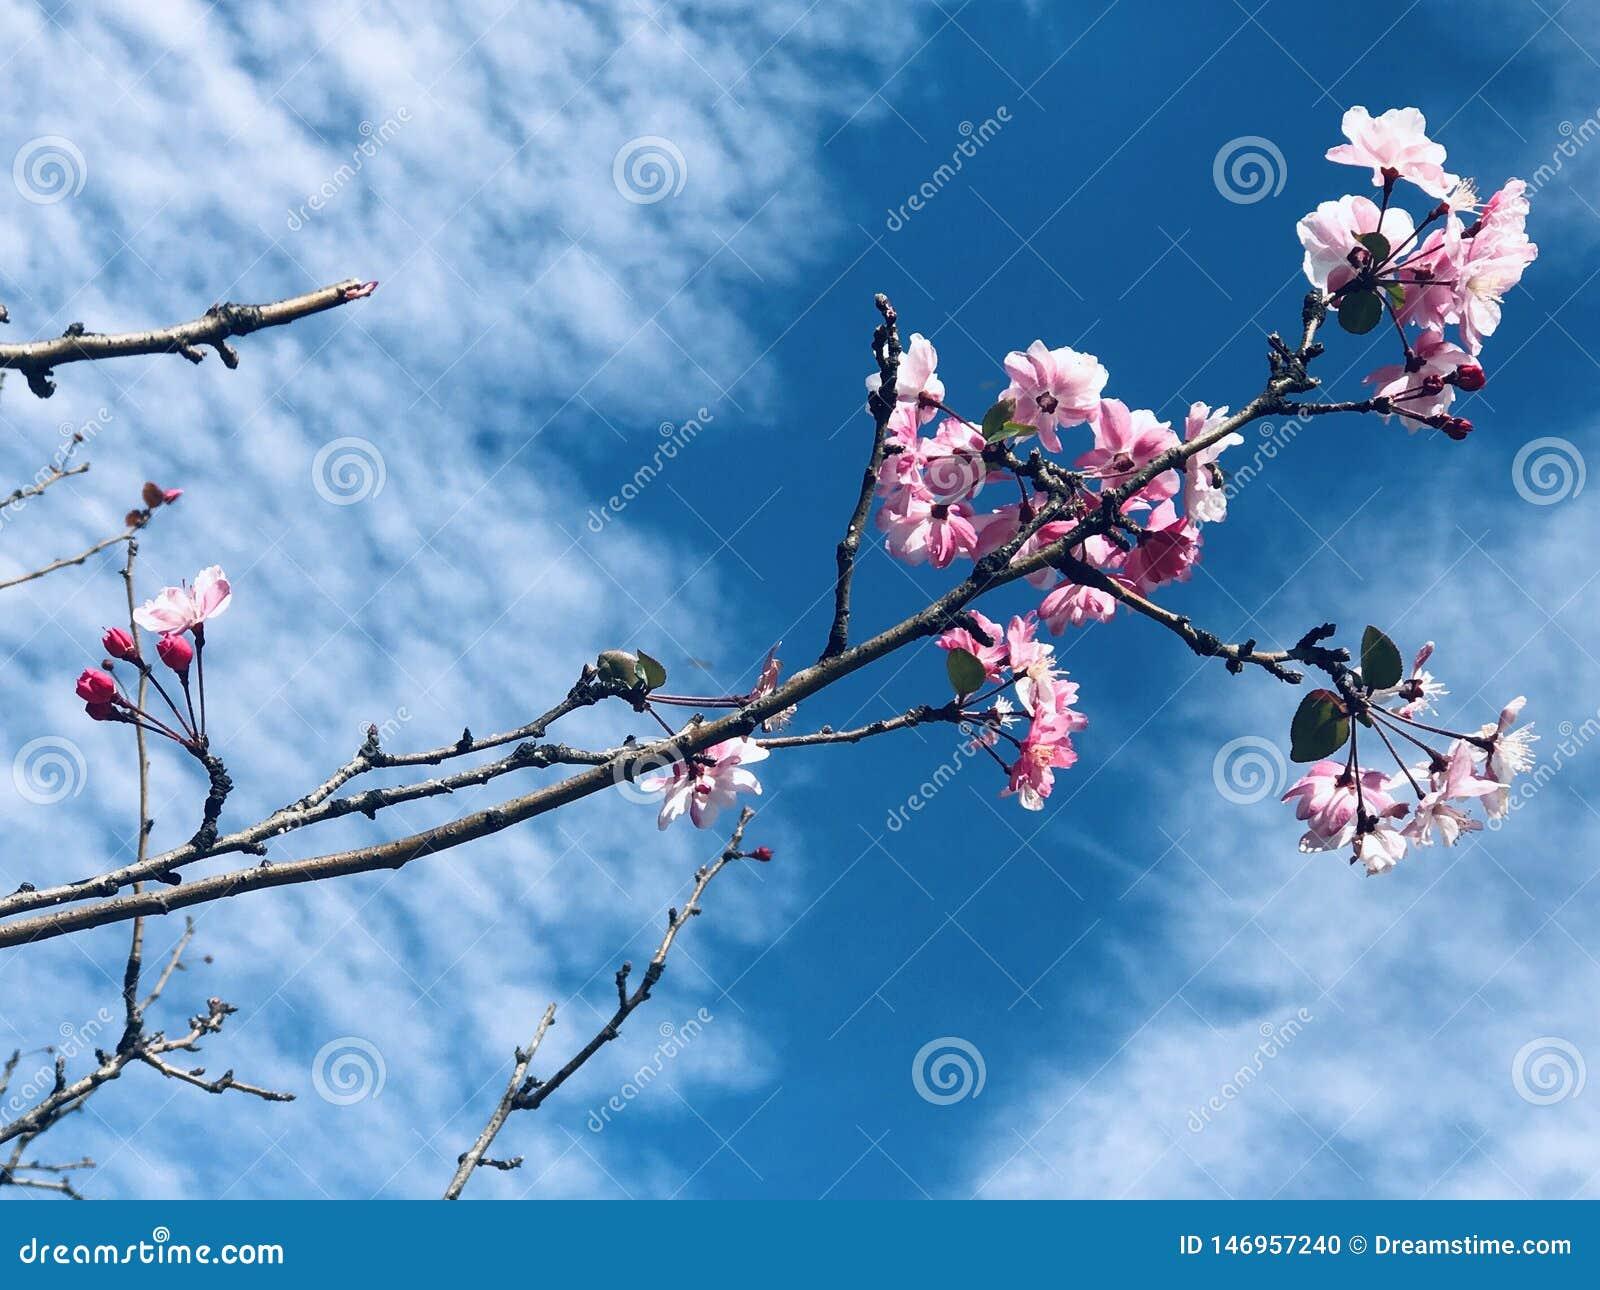 Κάτω από το μπλε ουρανό και τα άσπρα σύννεφα, τα όμορφα άνθη ροδάκινων είναι bloomingUnder ο μπλε ουρανός και τα άσπρα σύννεφα, ό